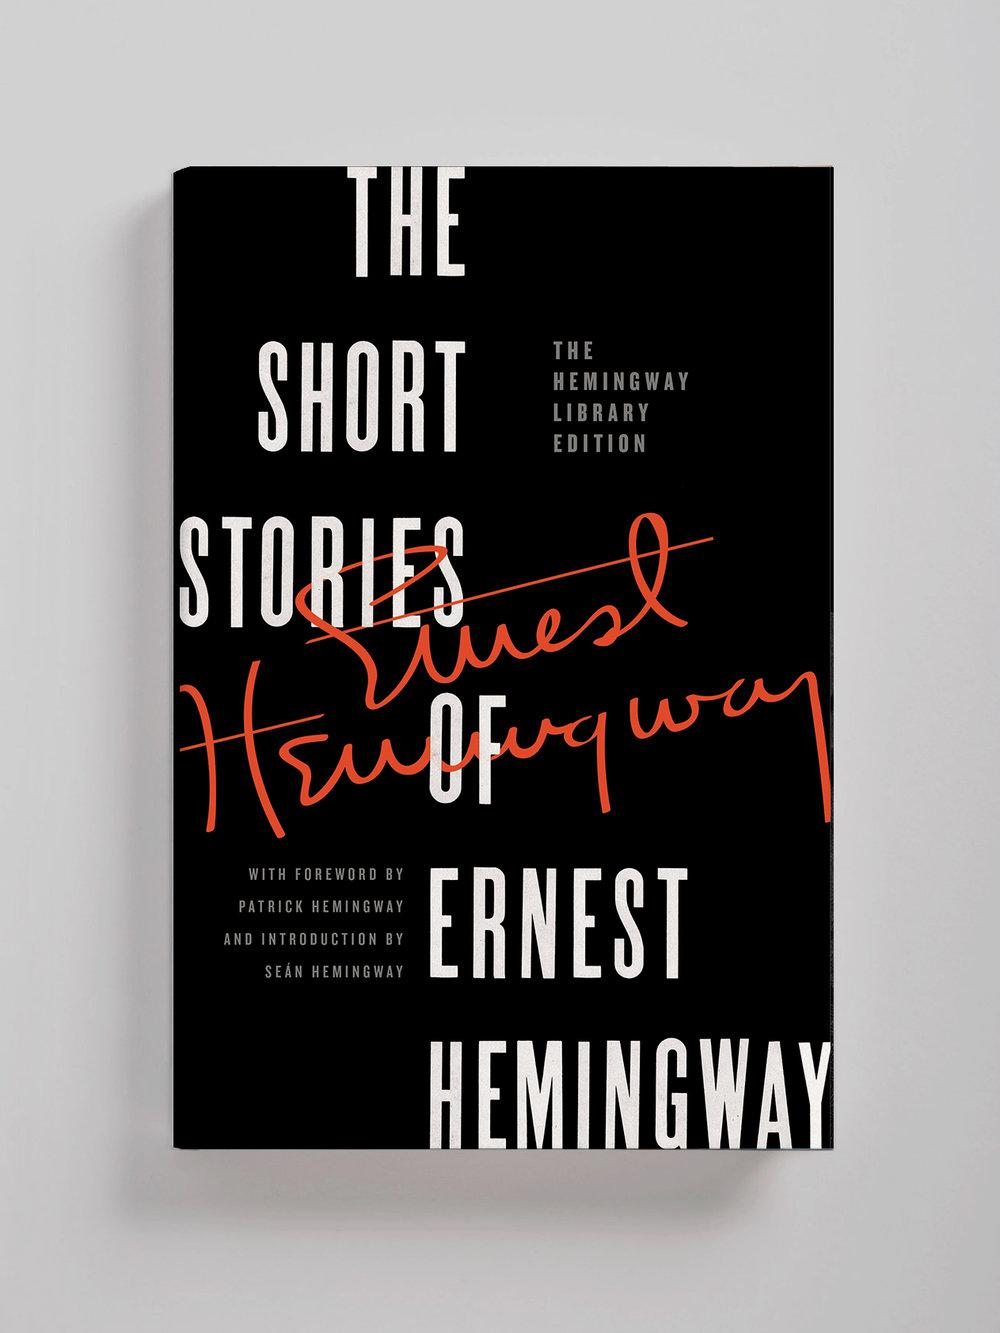 The Short Stories of Ernest Hemingway unused